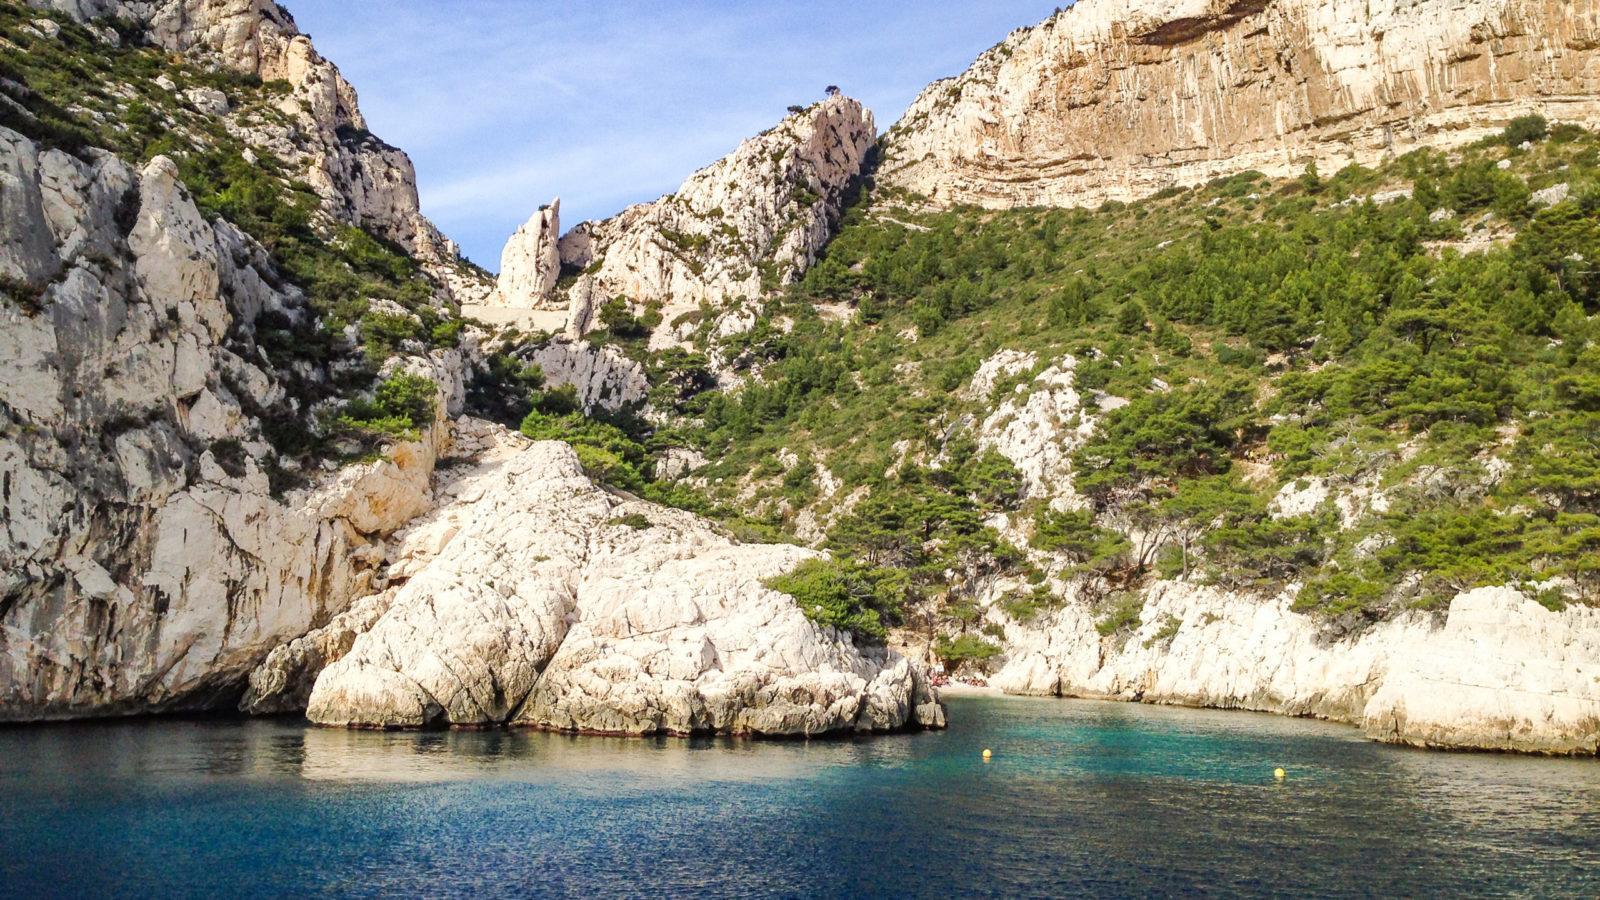 Calanques de Marseille: bei Sugiton. Foto: Hilke Maunder